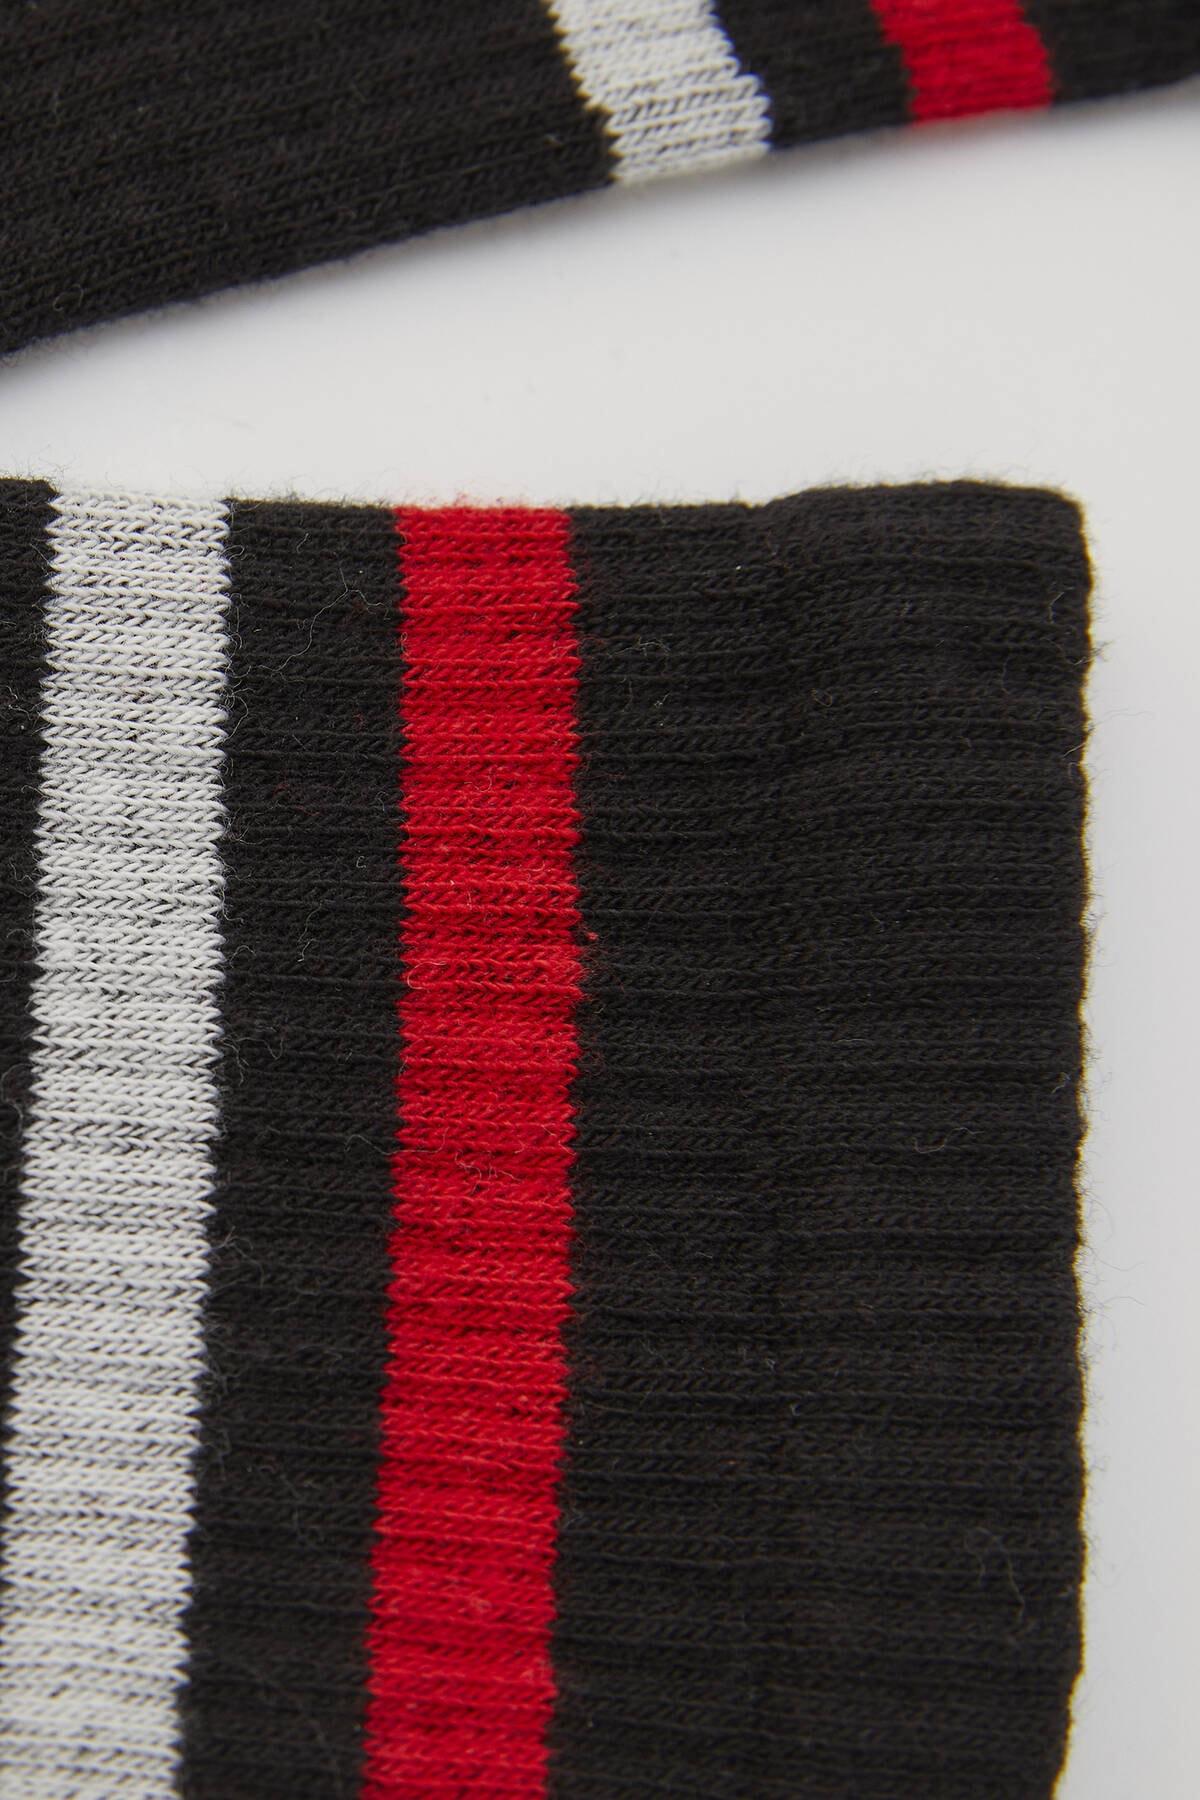 Pull & Bear Kadın Renkli Şeritli Spor Çorap 04890301 2